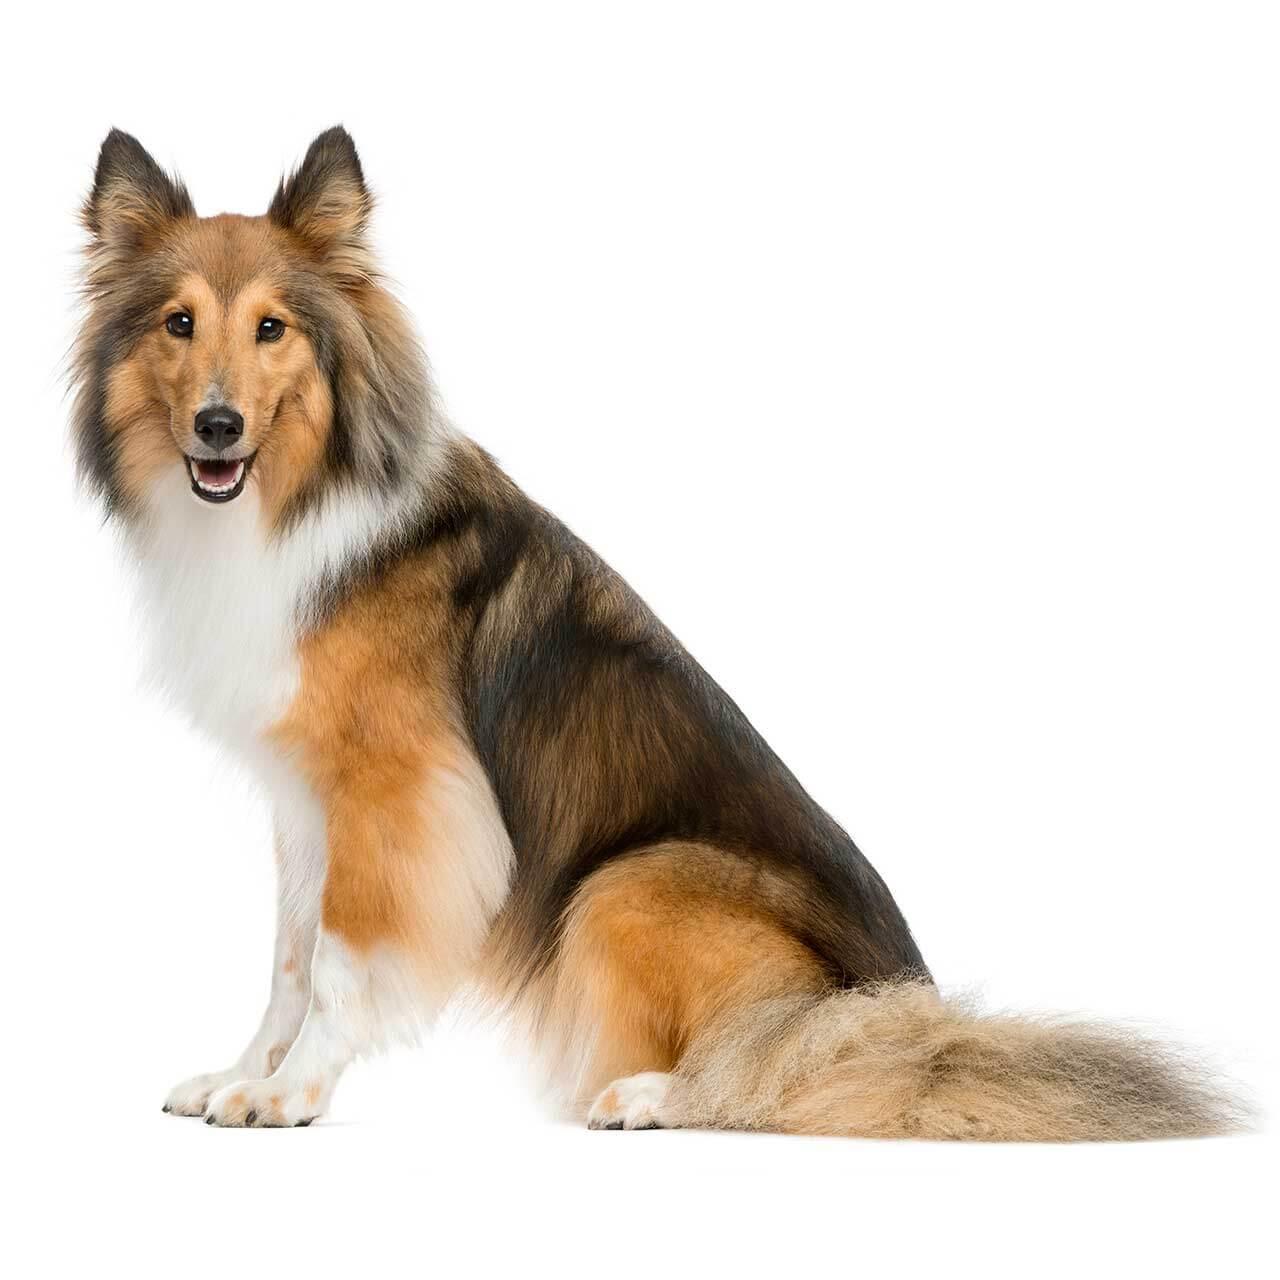 sheltie dog breed everything about shelties